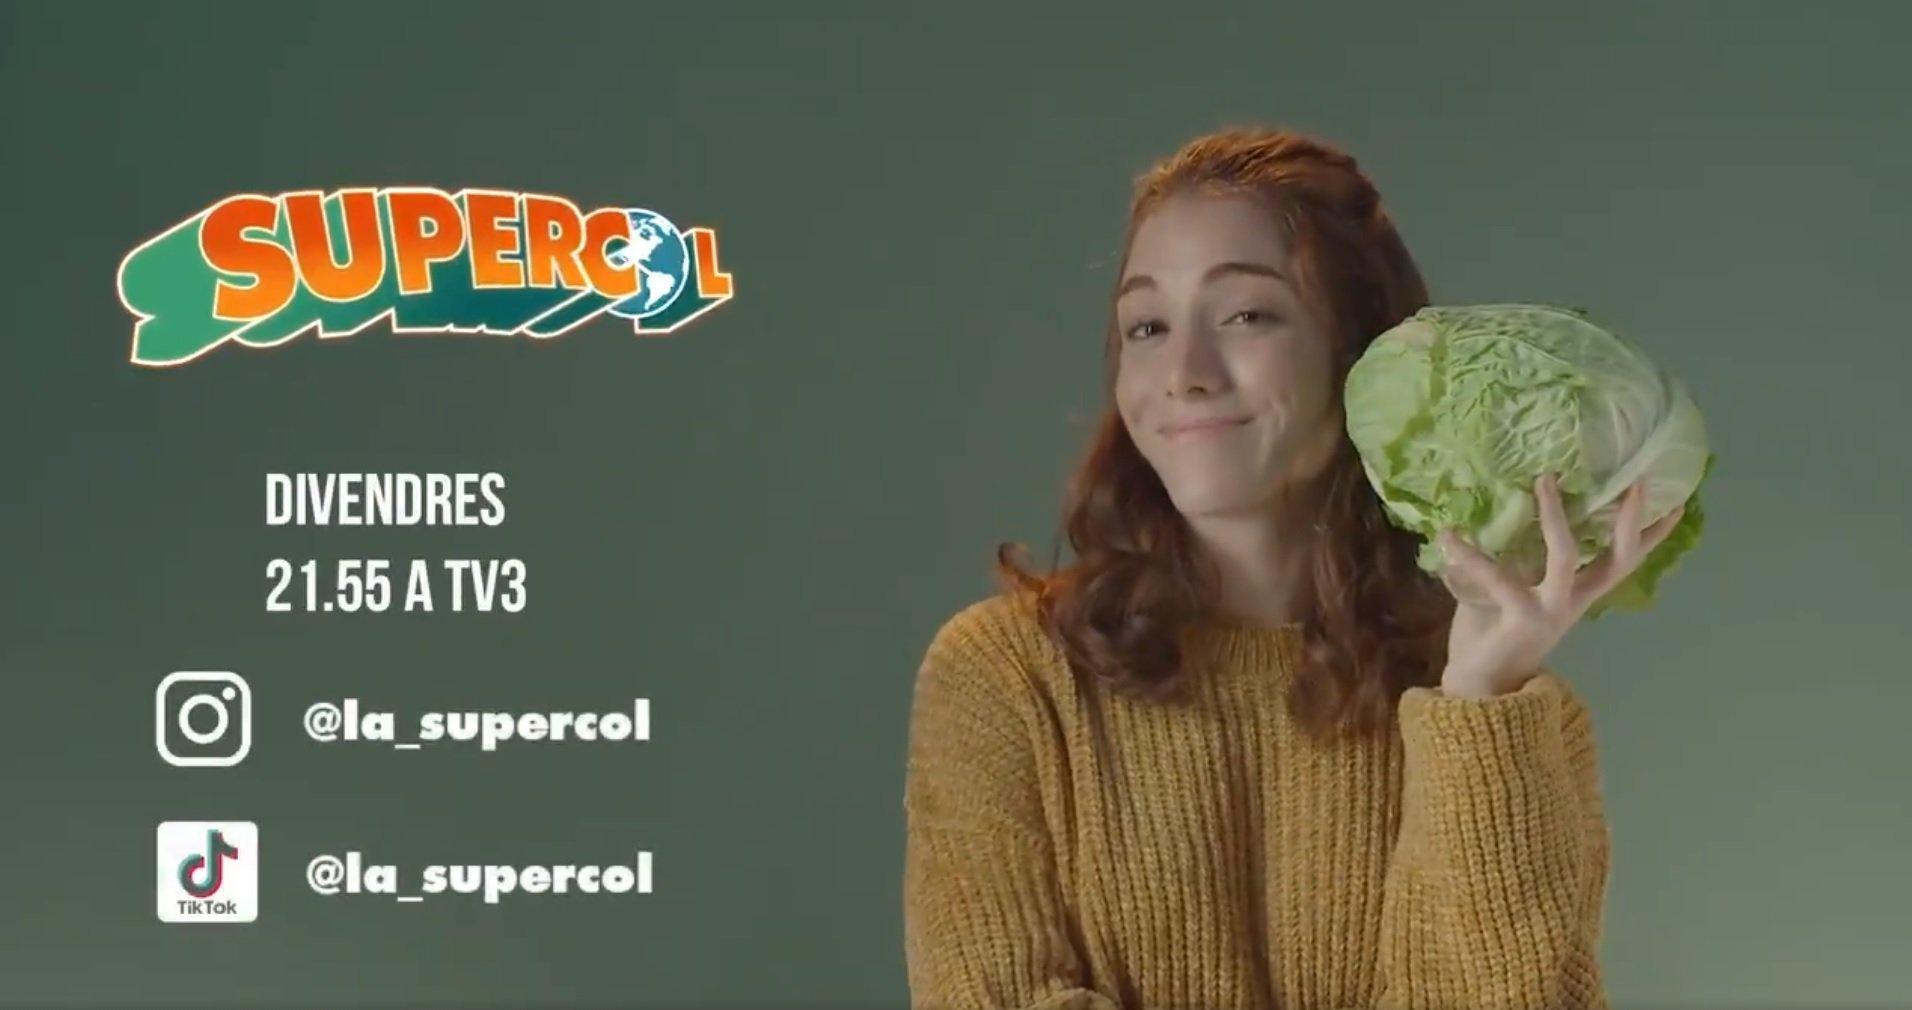 Promoció de la sèrie de TV3 i Incís Films 'La SuperCol',